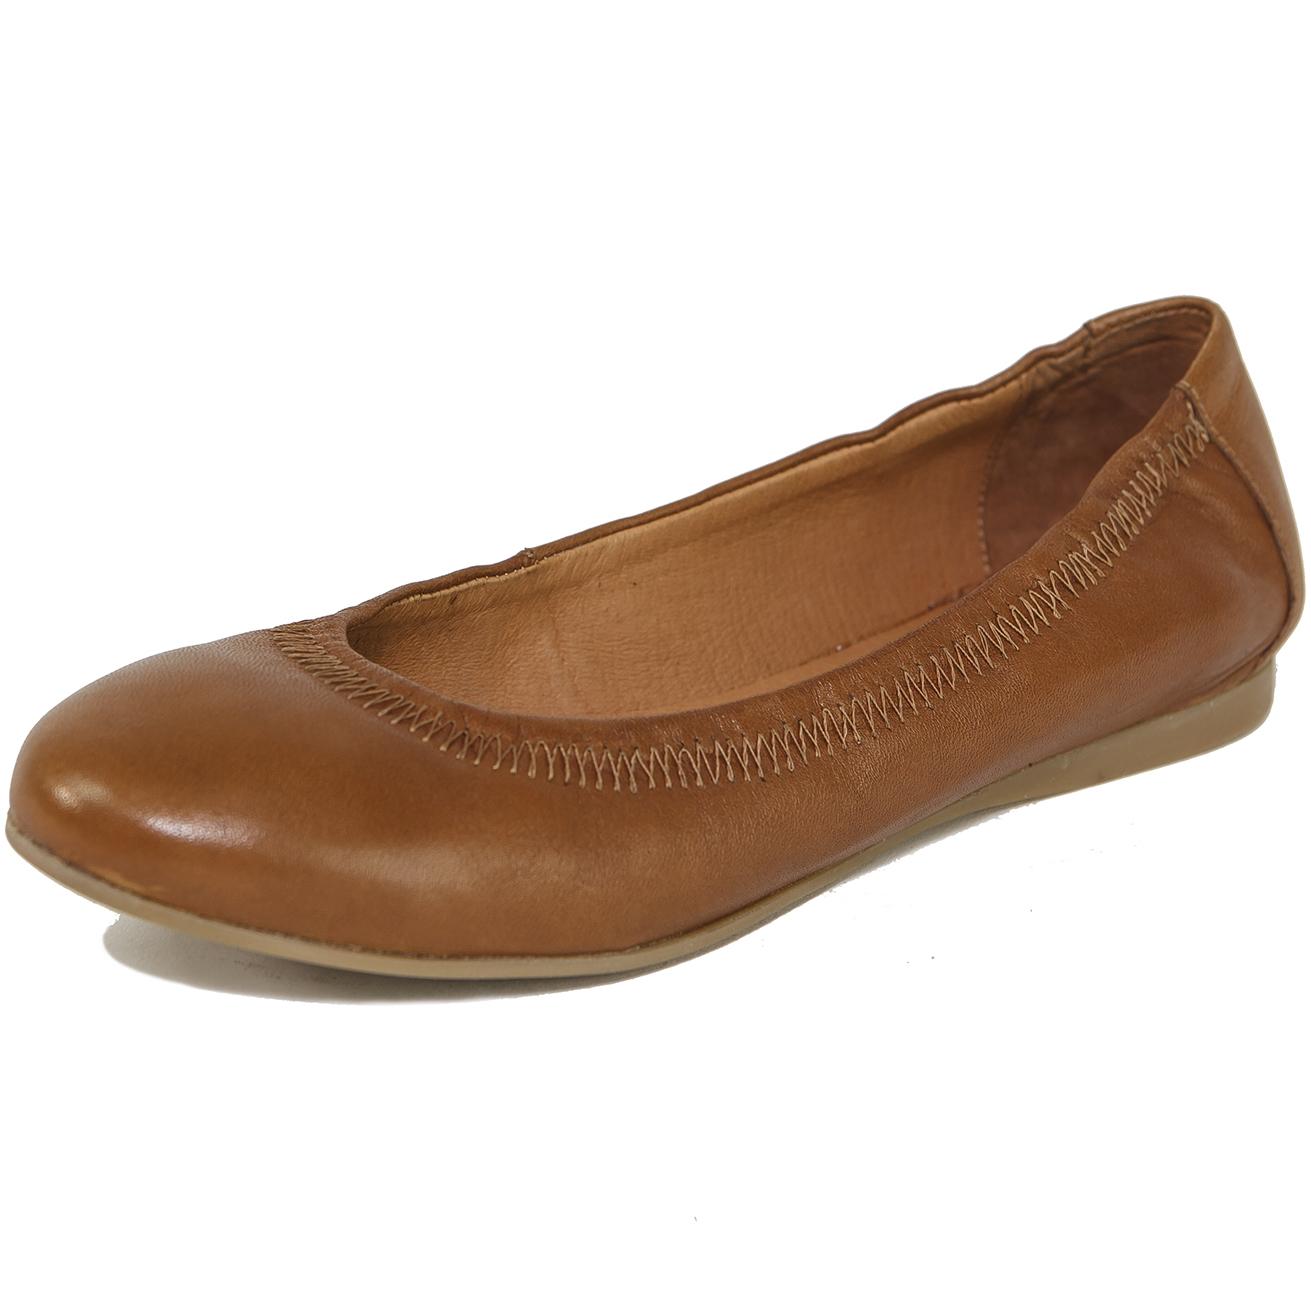 9e141f028a6 Alpine Swiss Women s Vera Ballet Flats European Made Shoes Leather ...